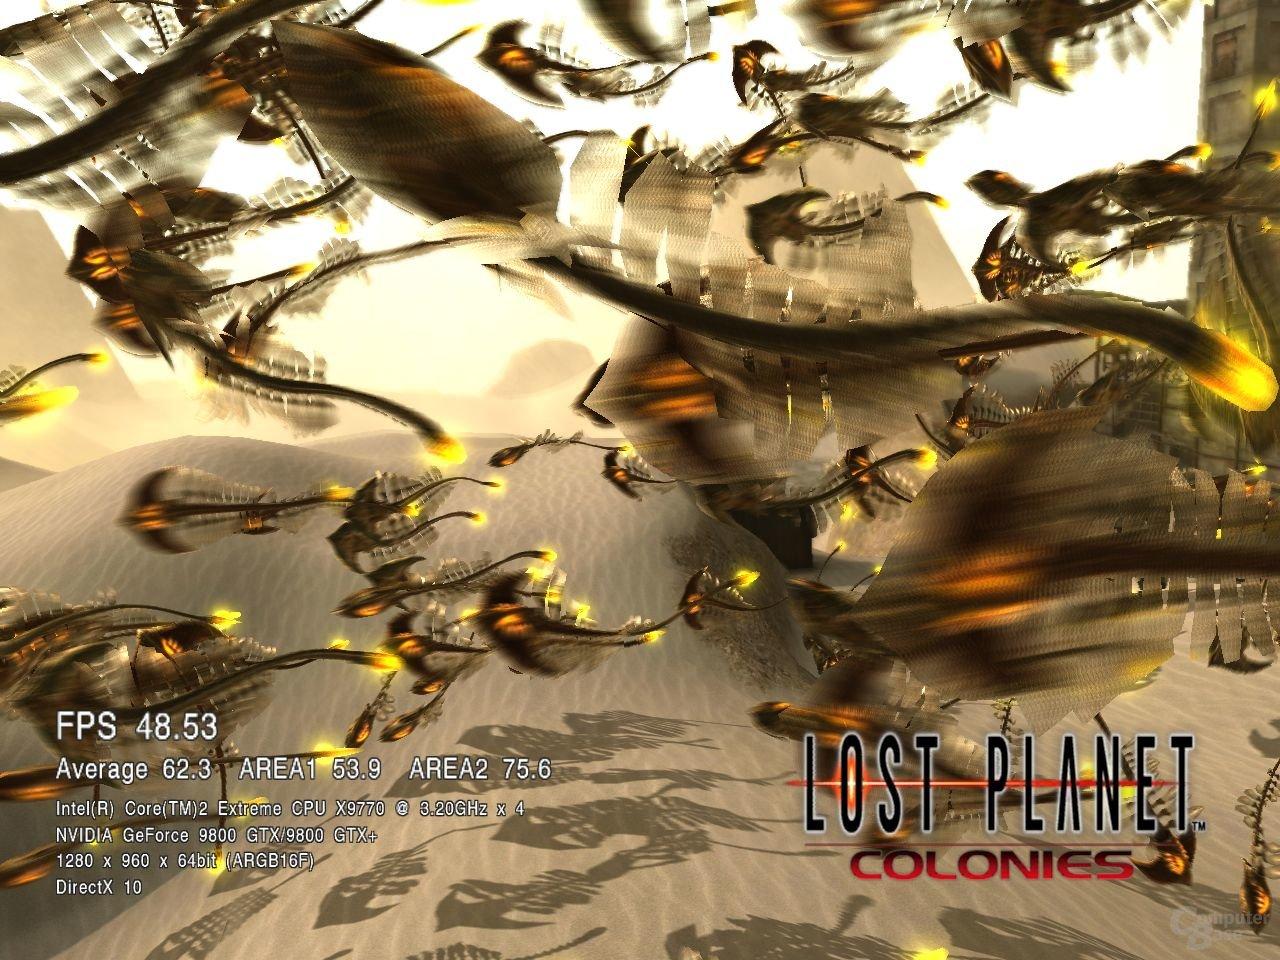 Lost Planet Colonies auf einem Q9550s